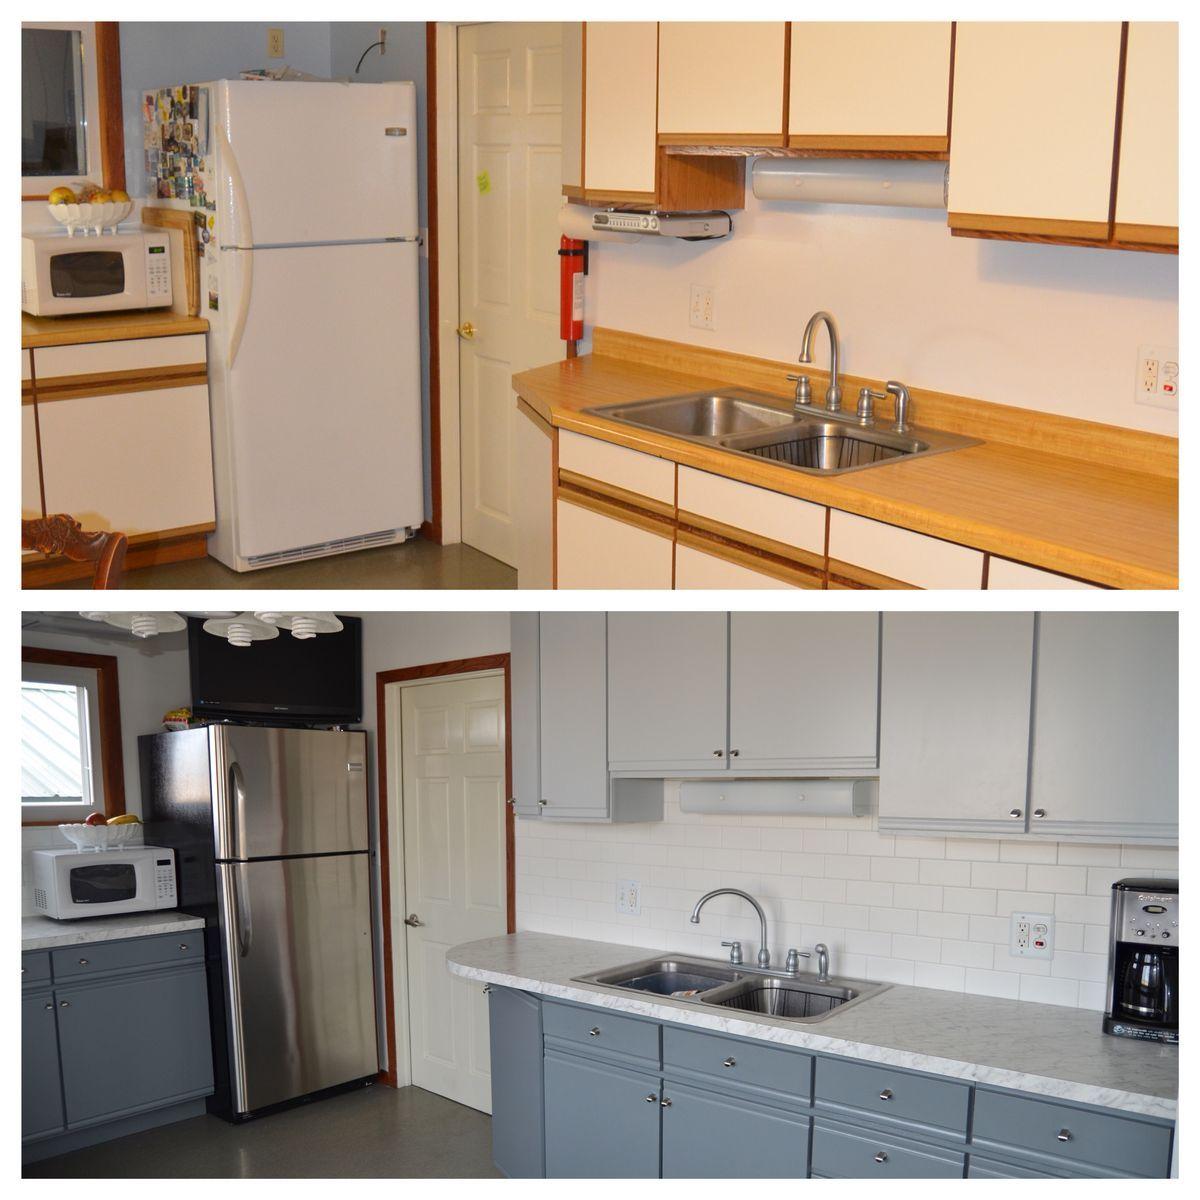 7f8138f9110971ff9ad4dec033f10216 Jpg 1 200 1 200 Pixels Laminate Kitchen Laminate Cabinets Painting Laminate Kitchen Cabinets